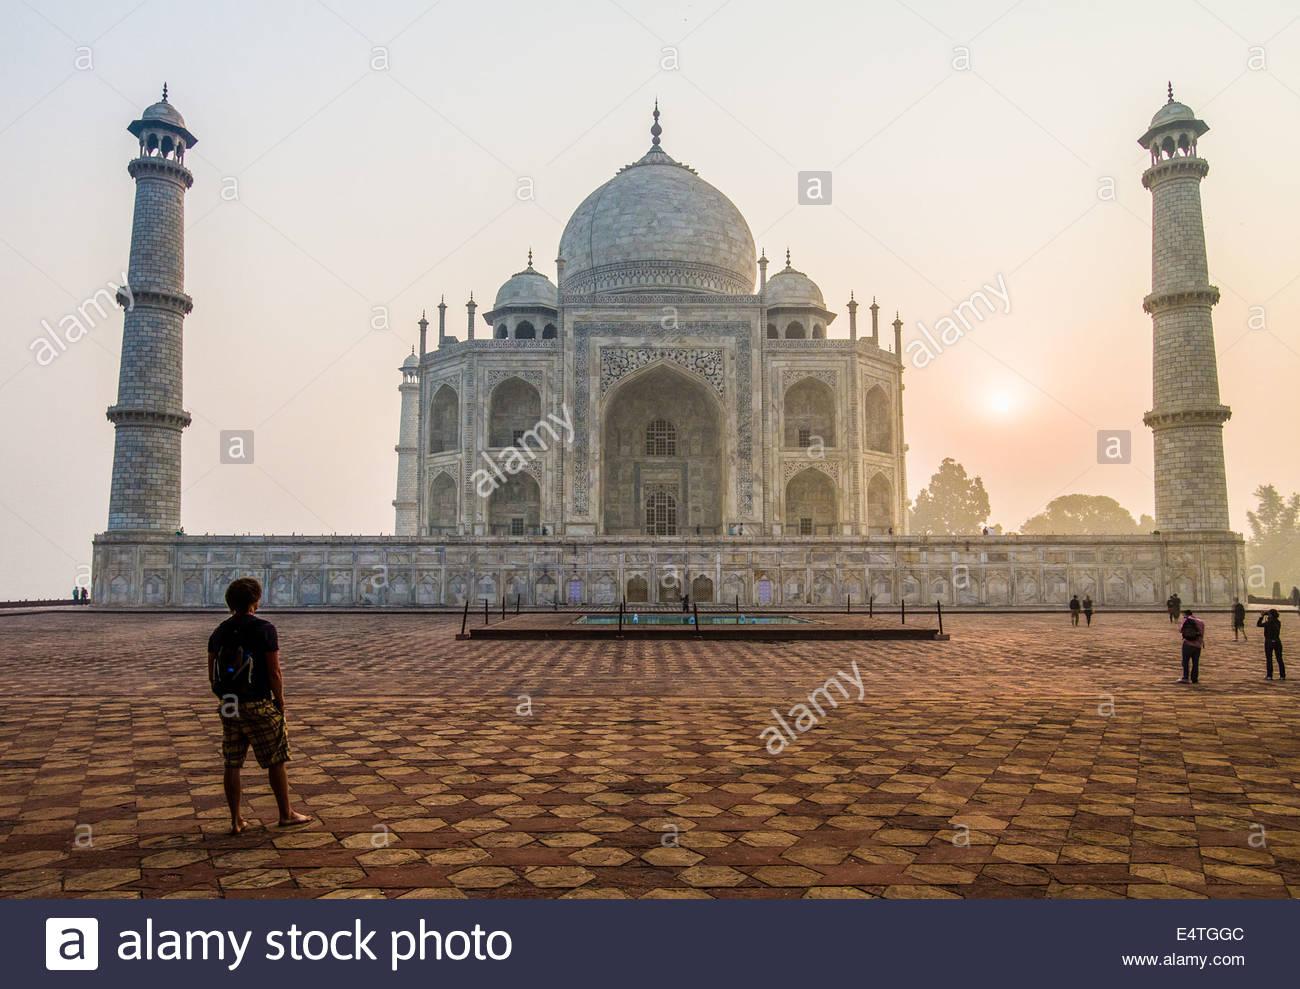 Un uomo in piedi davanti al Taj Mahal come il Sole arriva fino alle spalle, Agra, India, Asia Immagini Stock